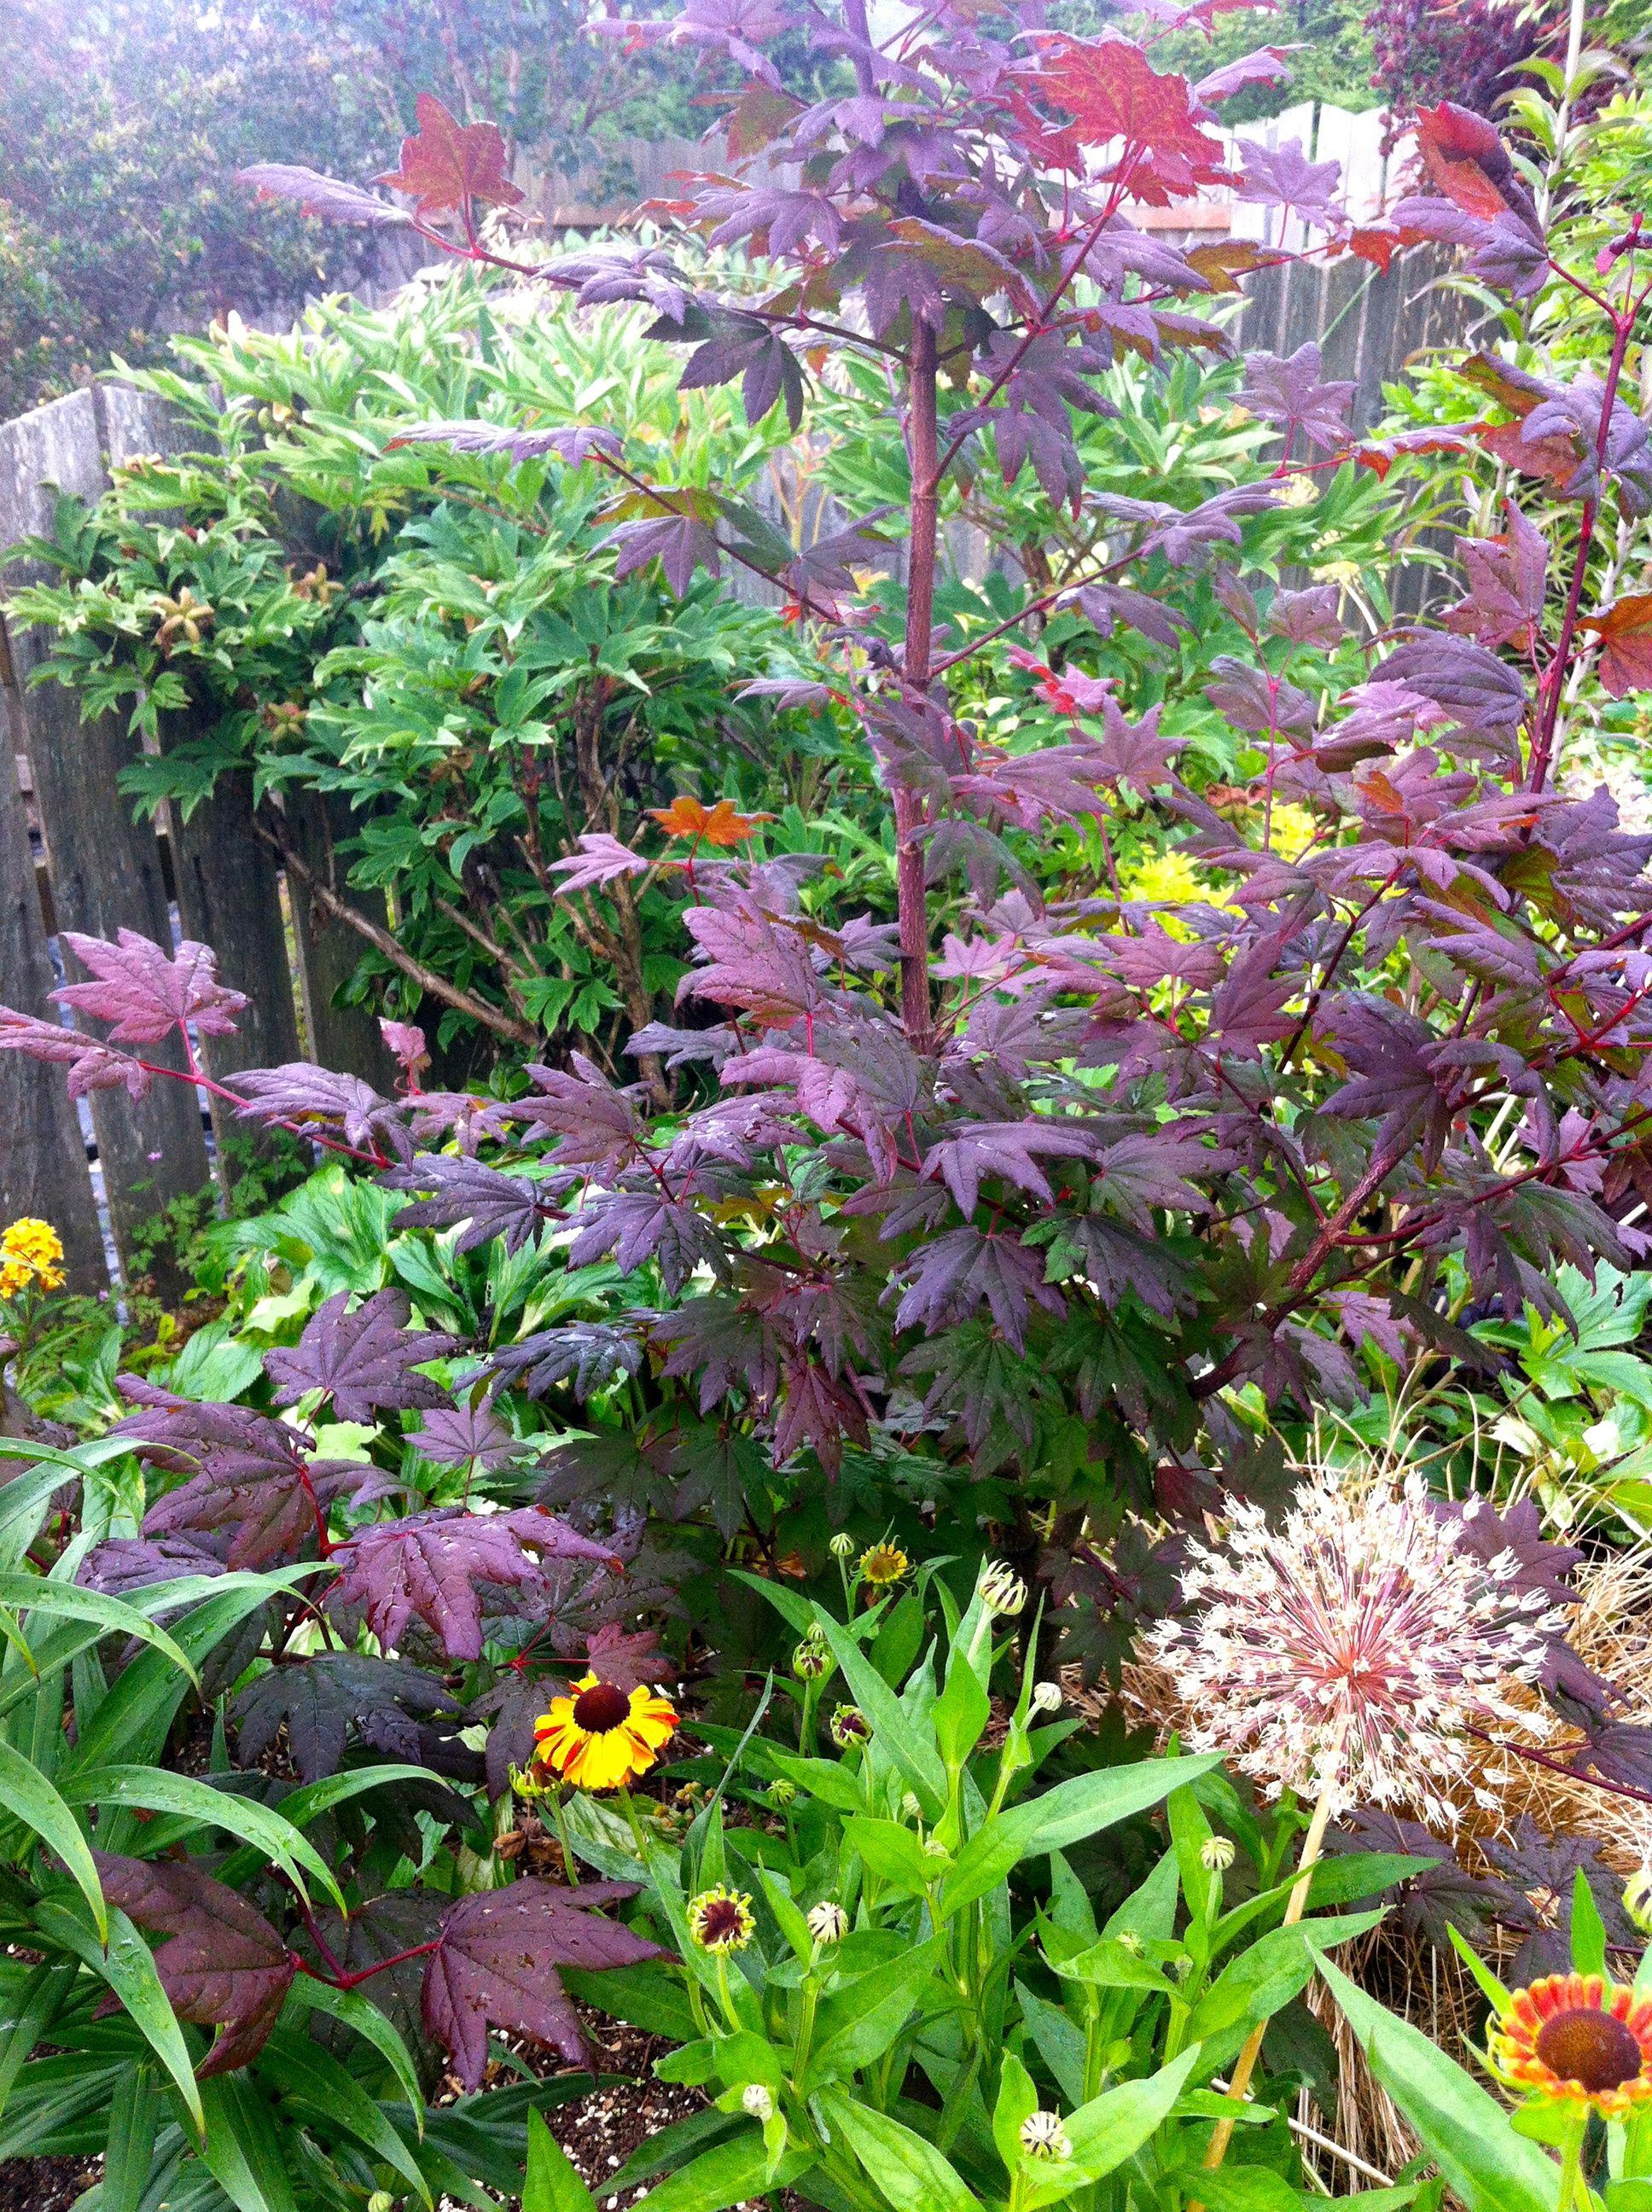 Acer circinatum pacific purple purple vine maple